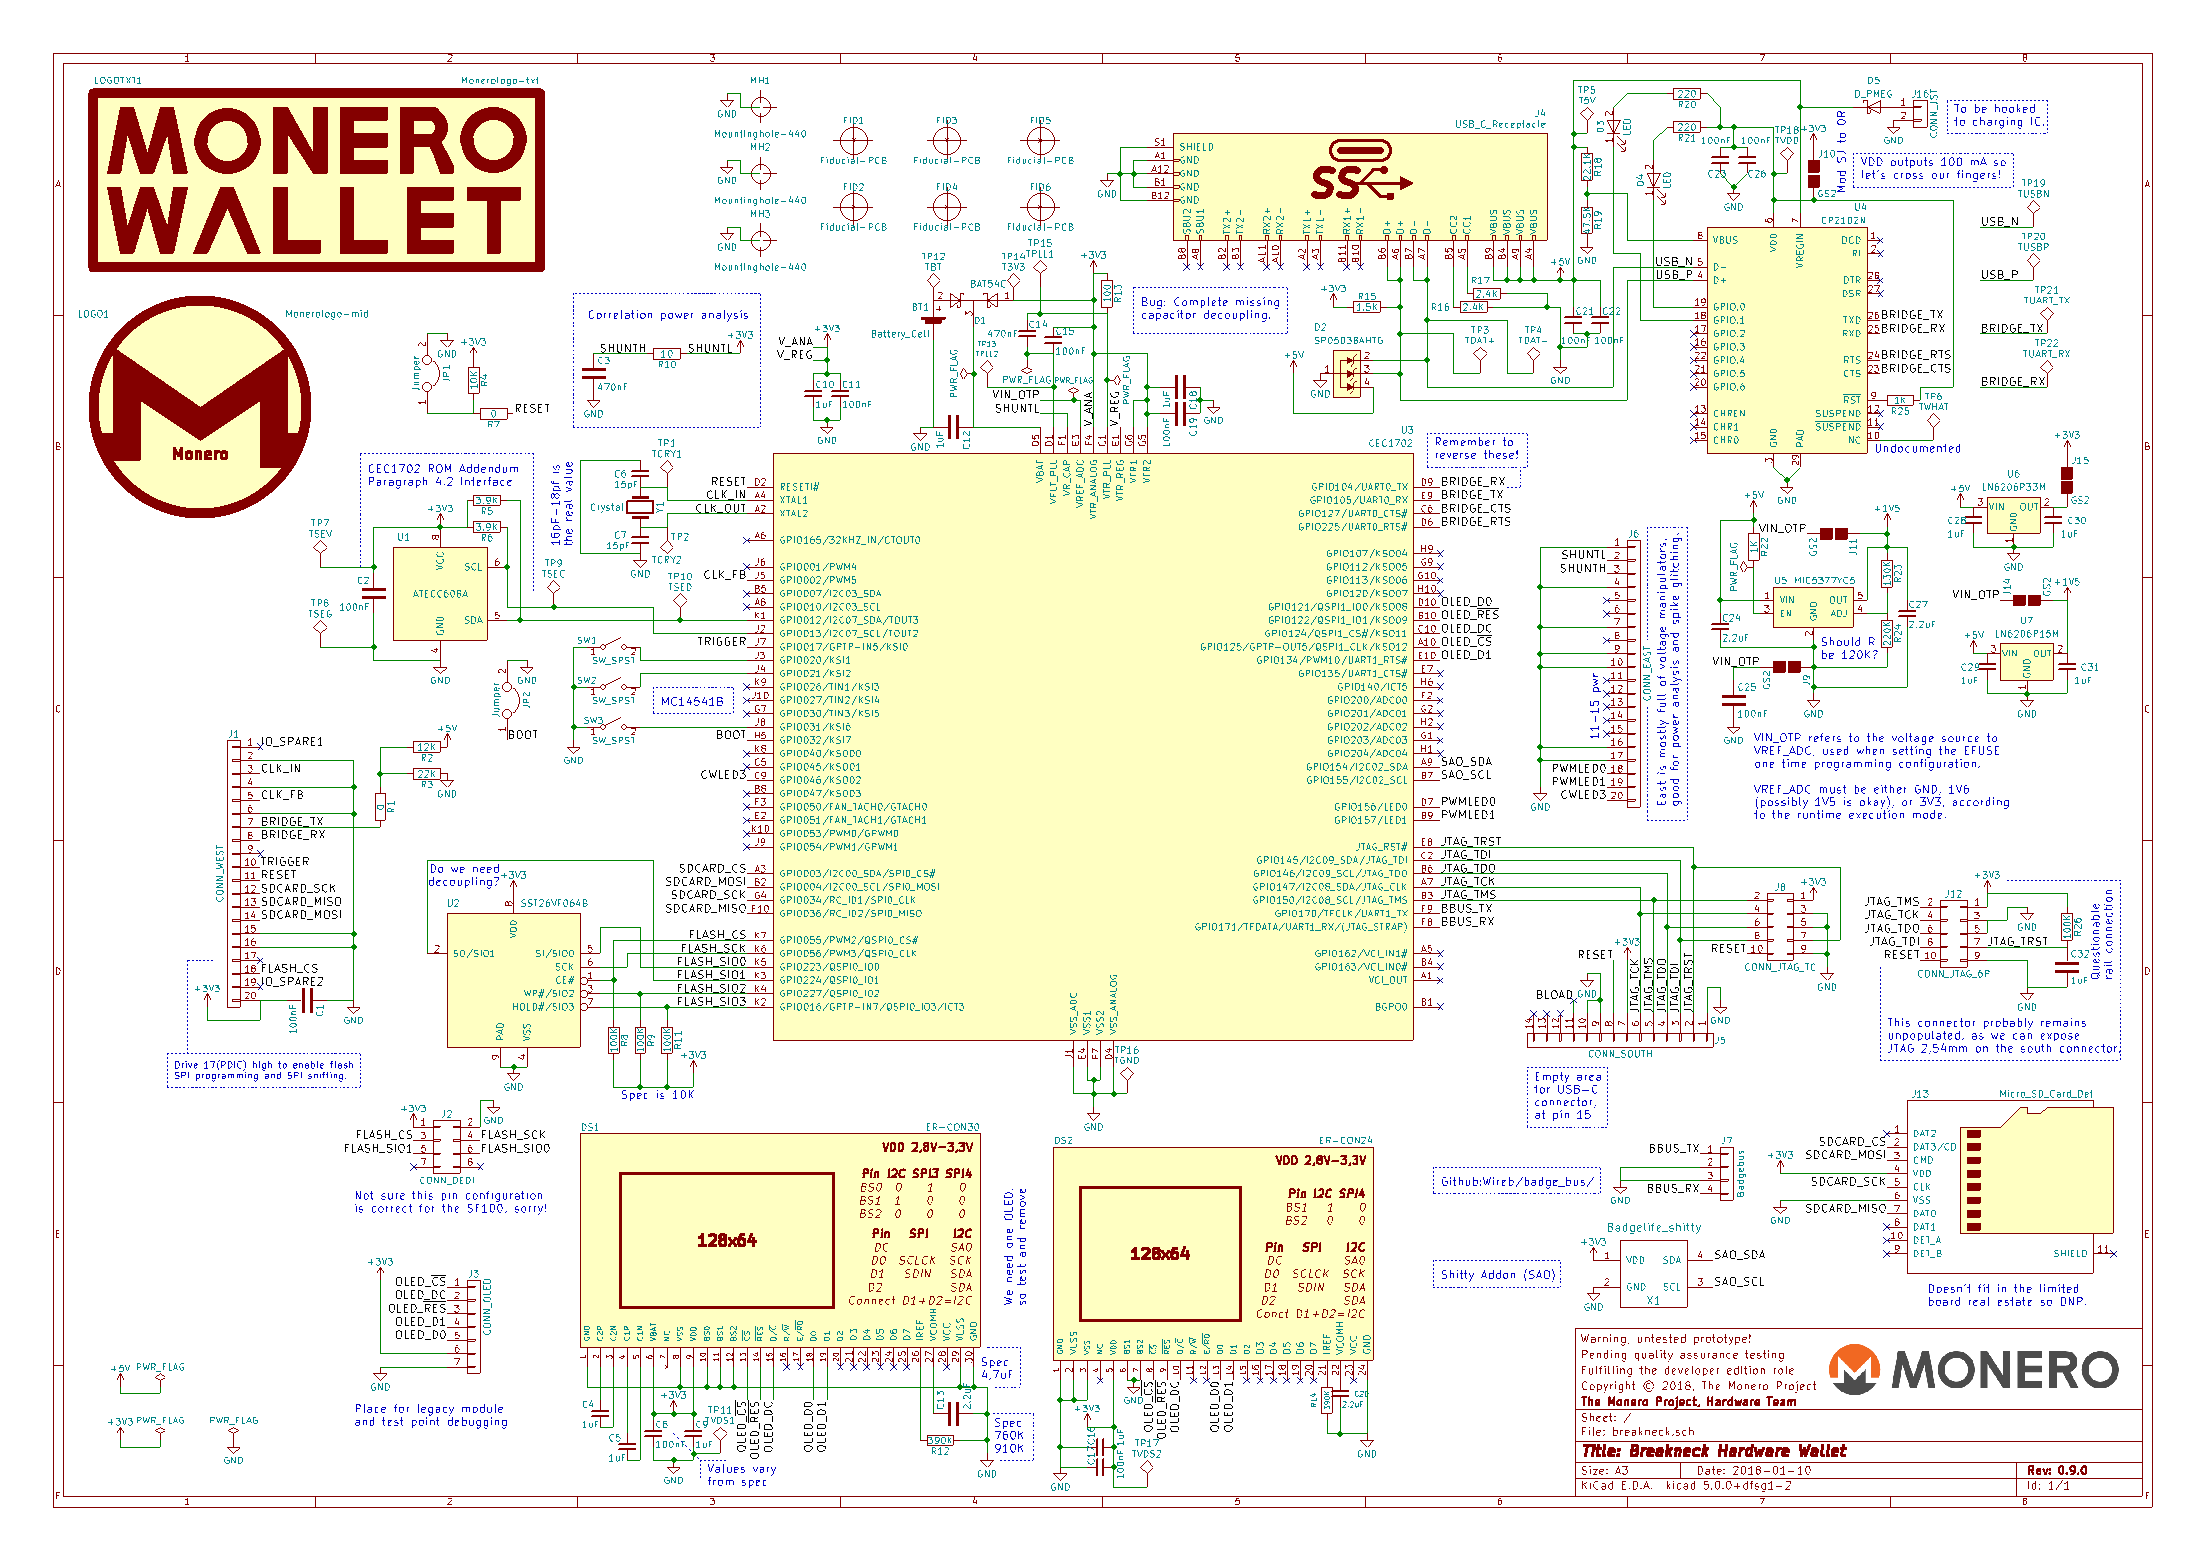 Breakneck schematic print